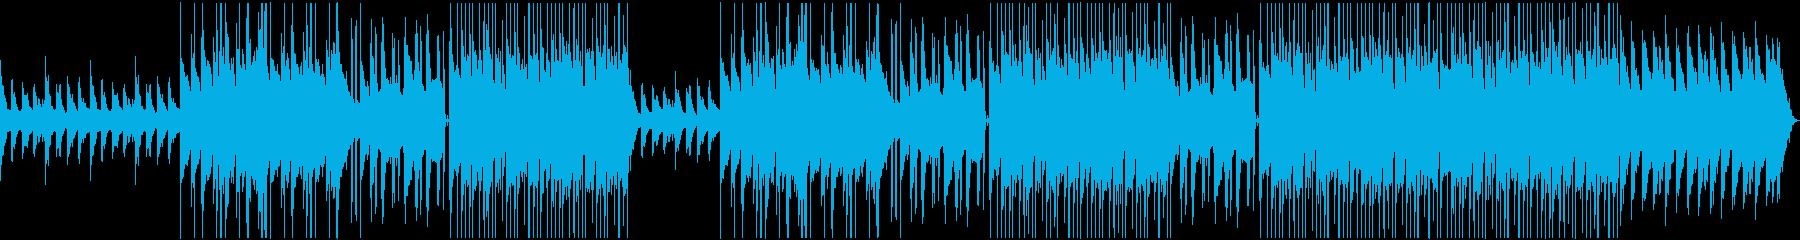 チルアウト R&B ローファイビートの再生済みの波形